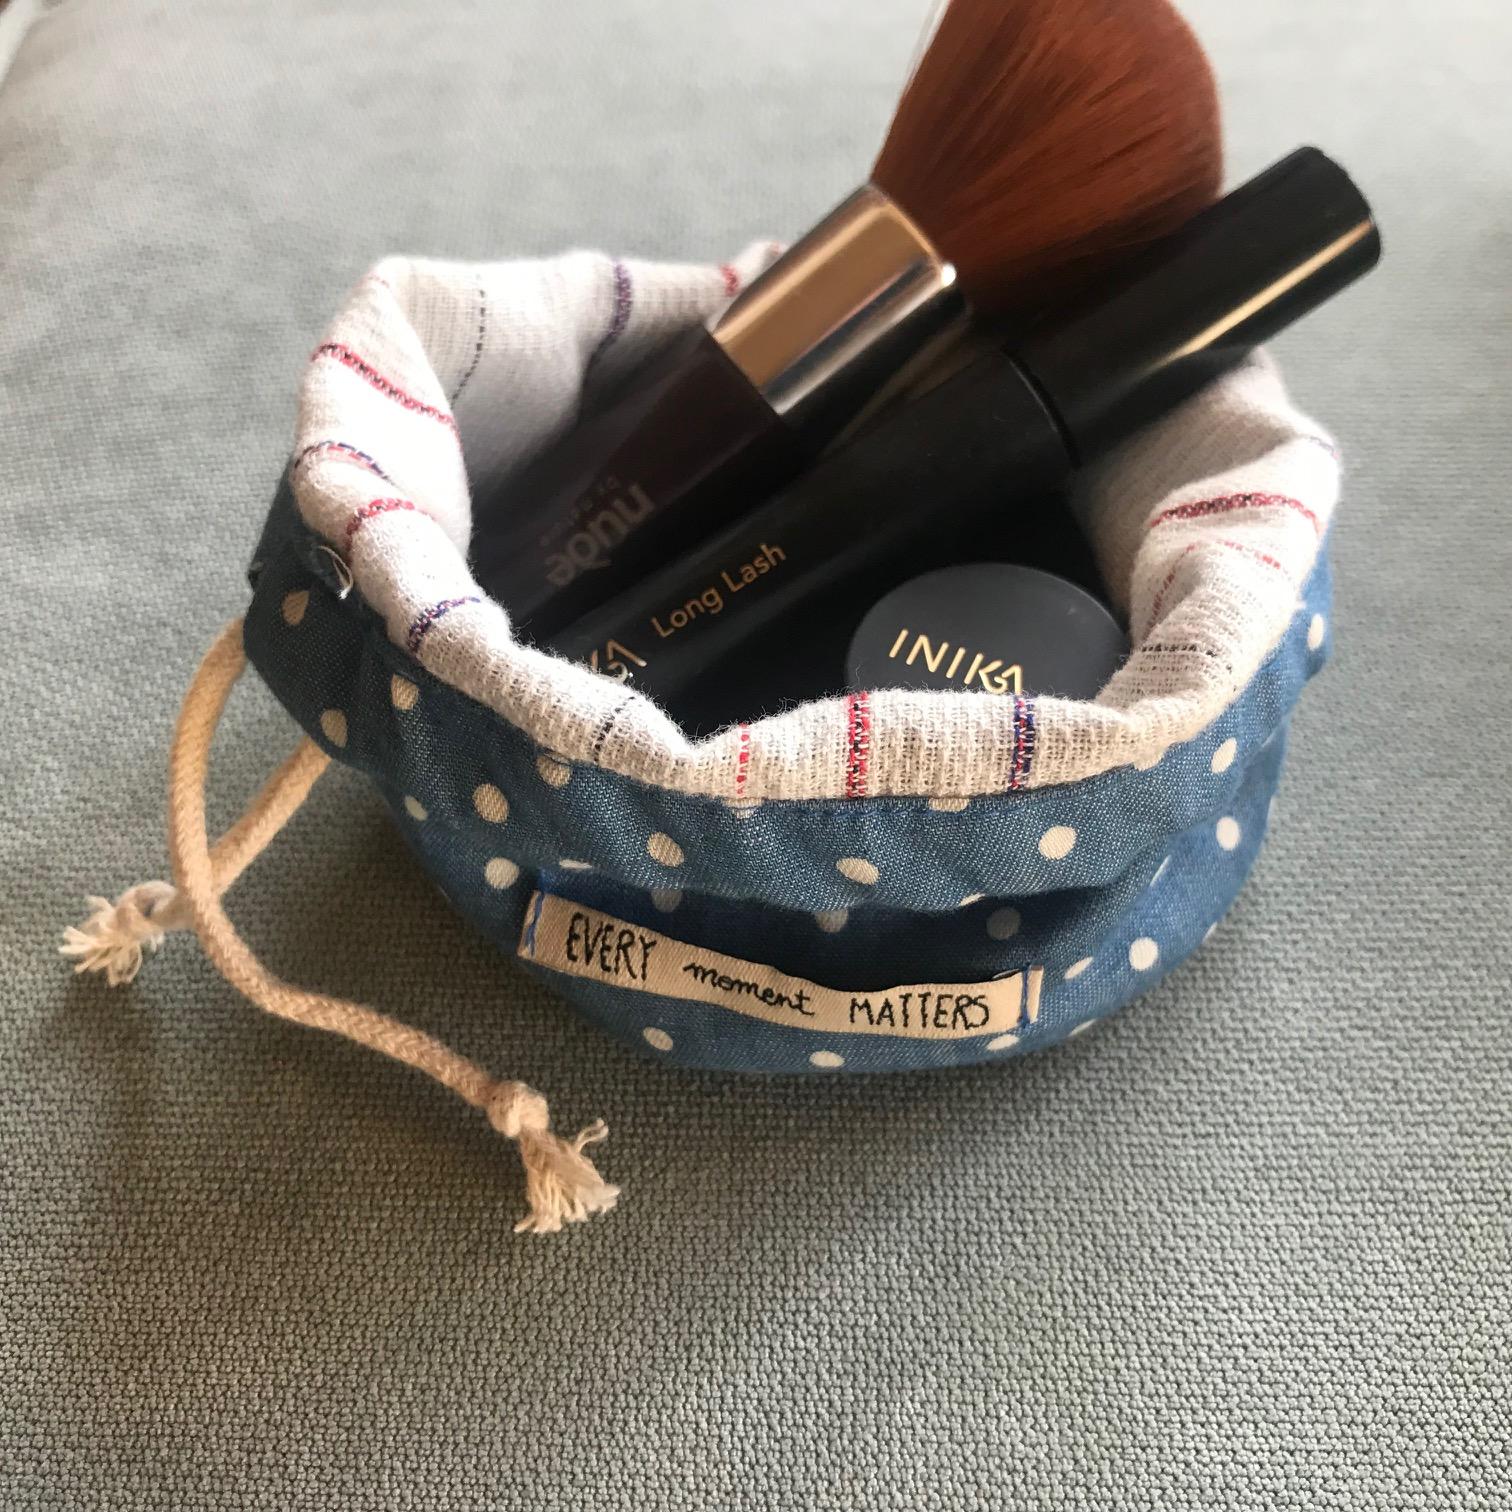 Travel light make-up